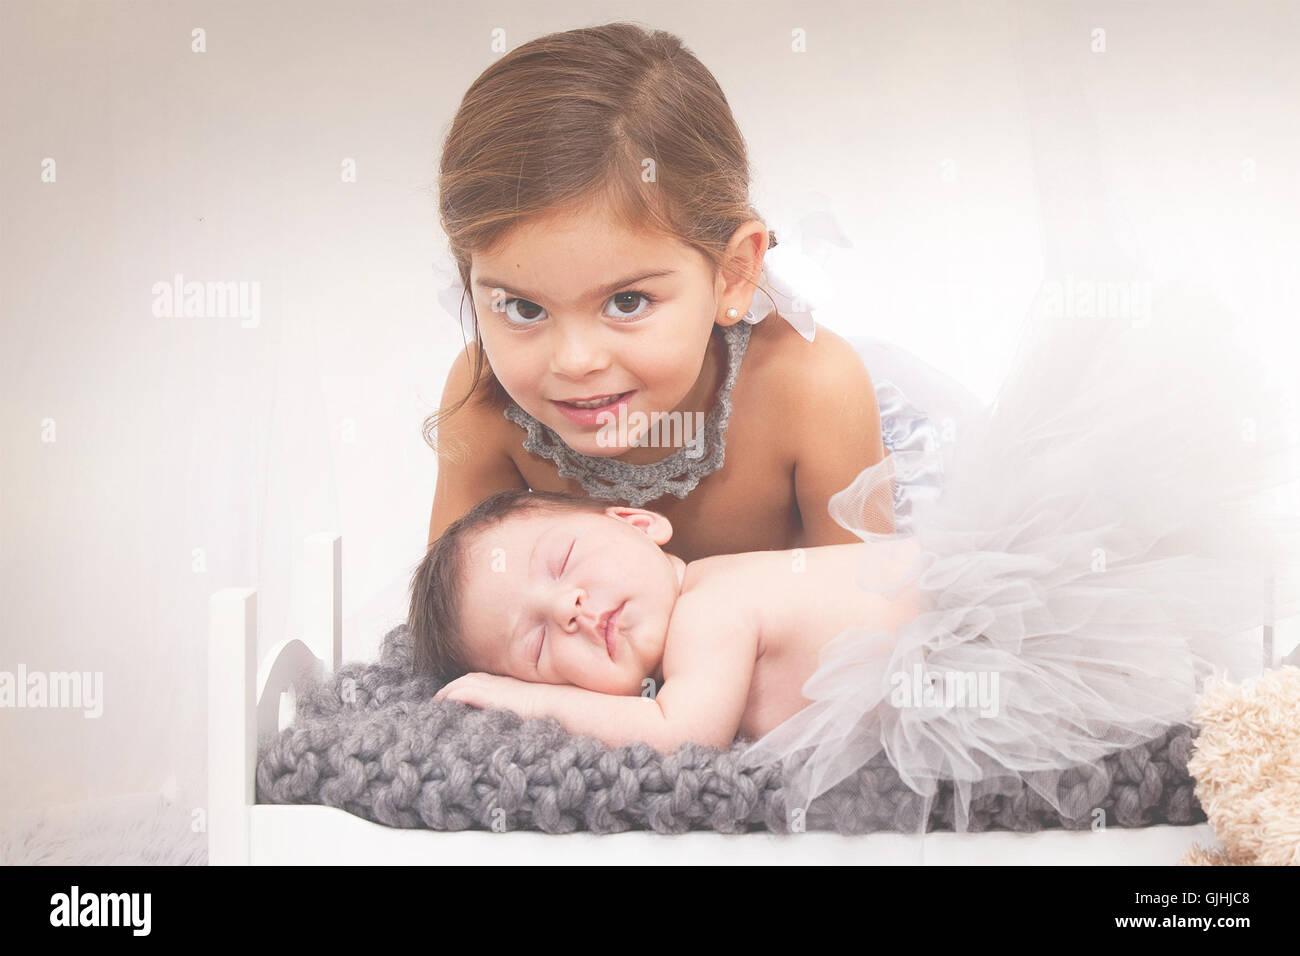 Porträt eines Mädchens mit Babyschwester Stockfoto